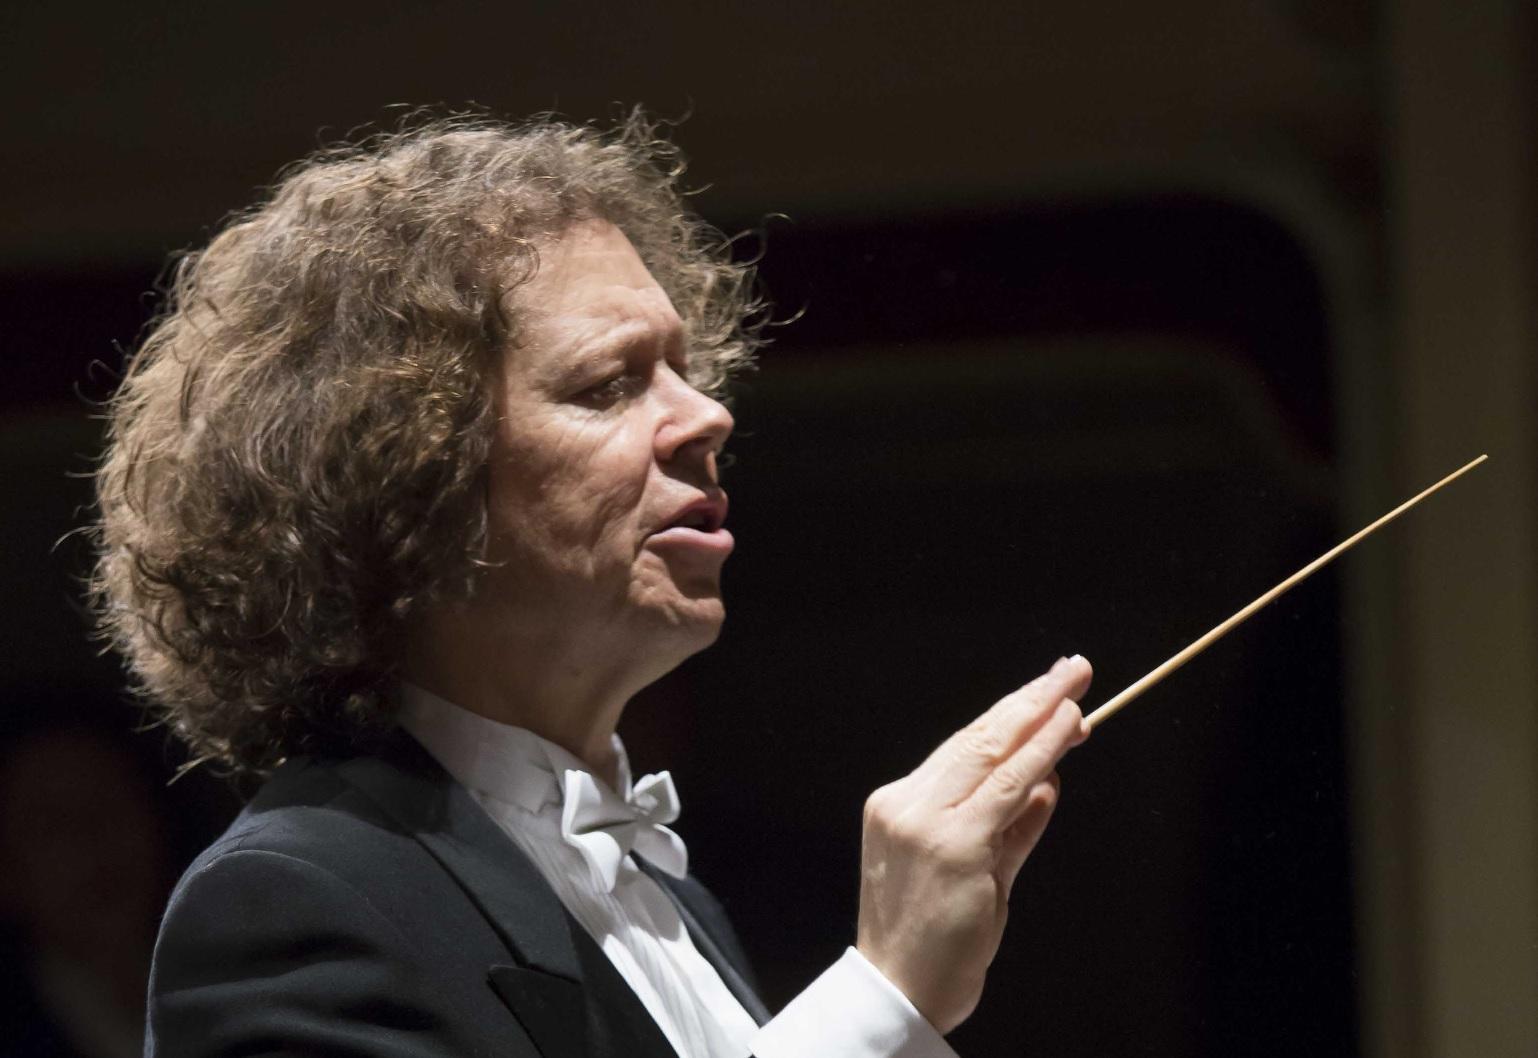 L'opera torna a Civitanova Marche, la Traviata al Teatro Rossini